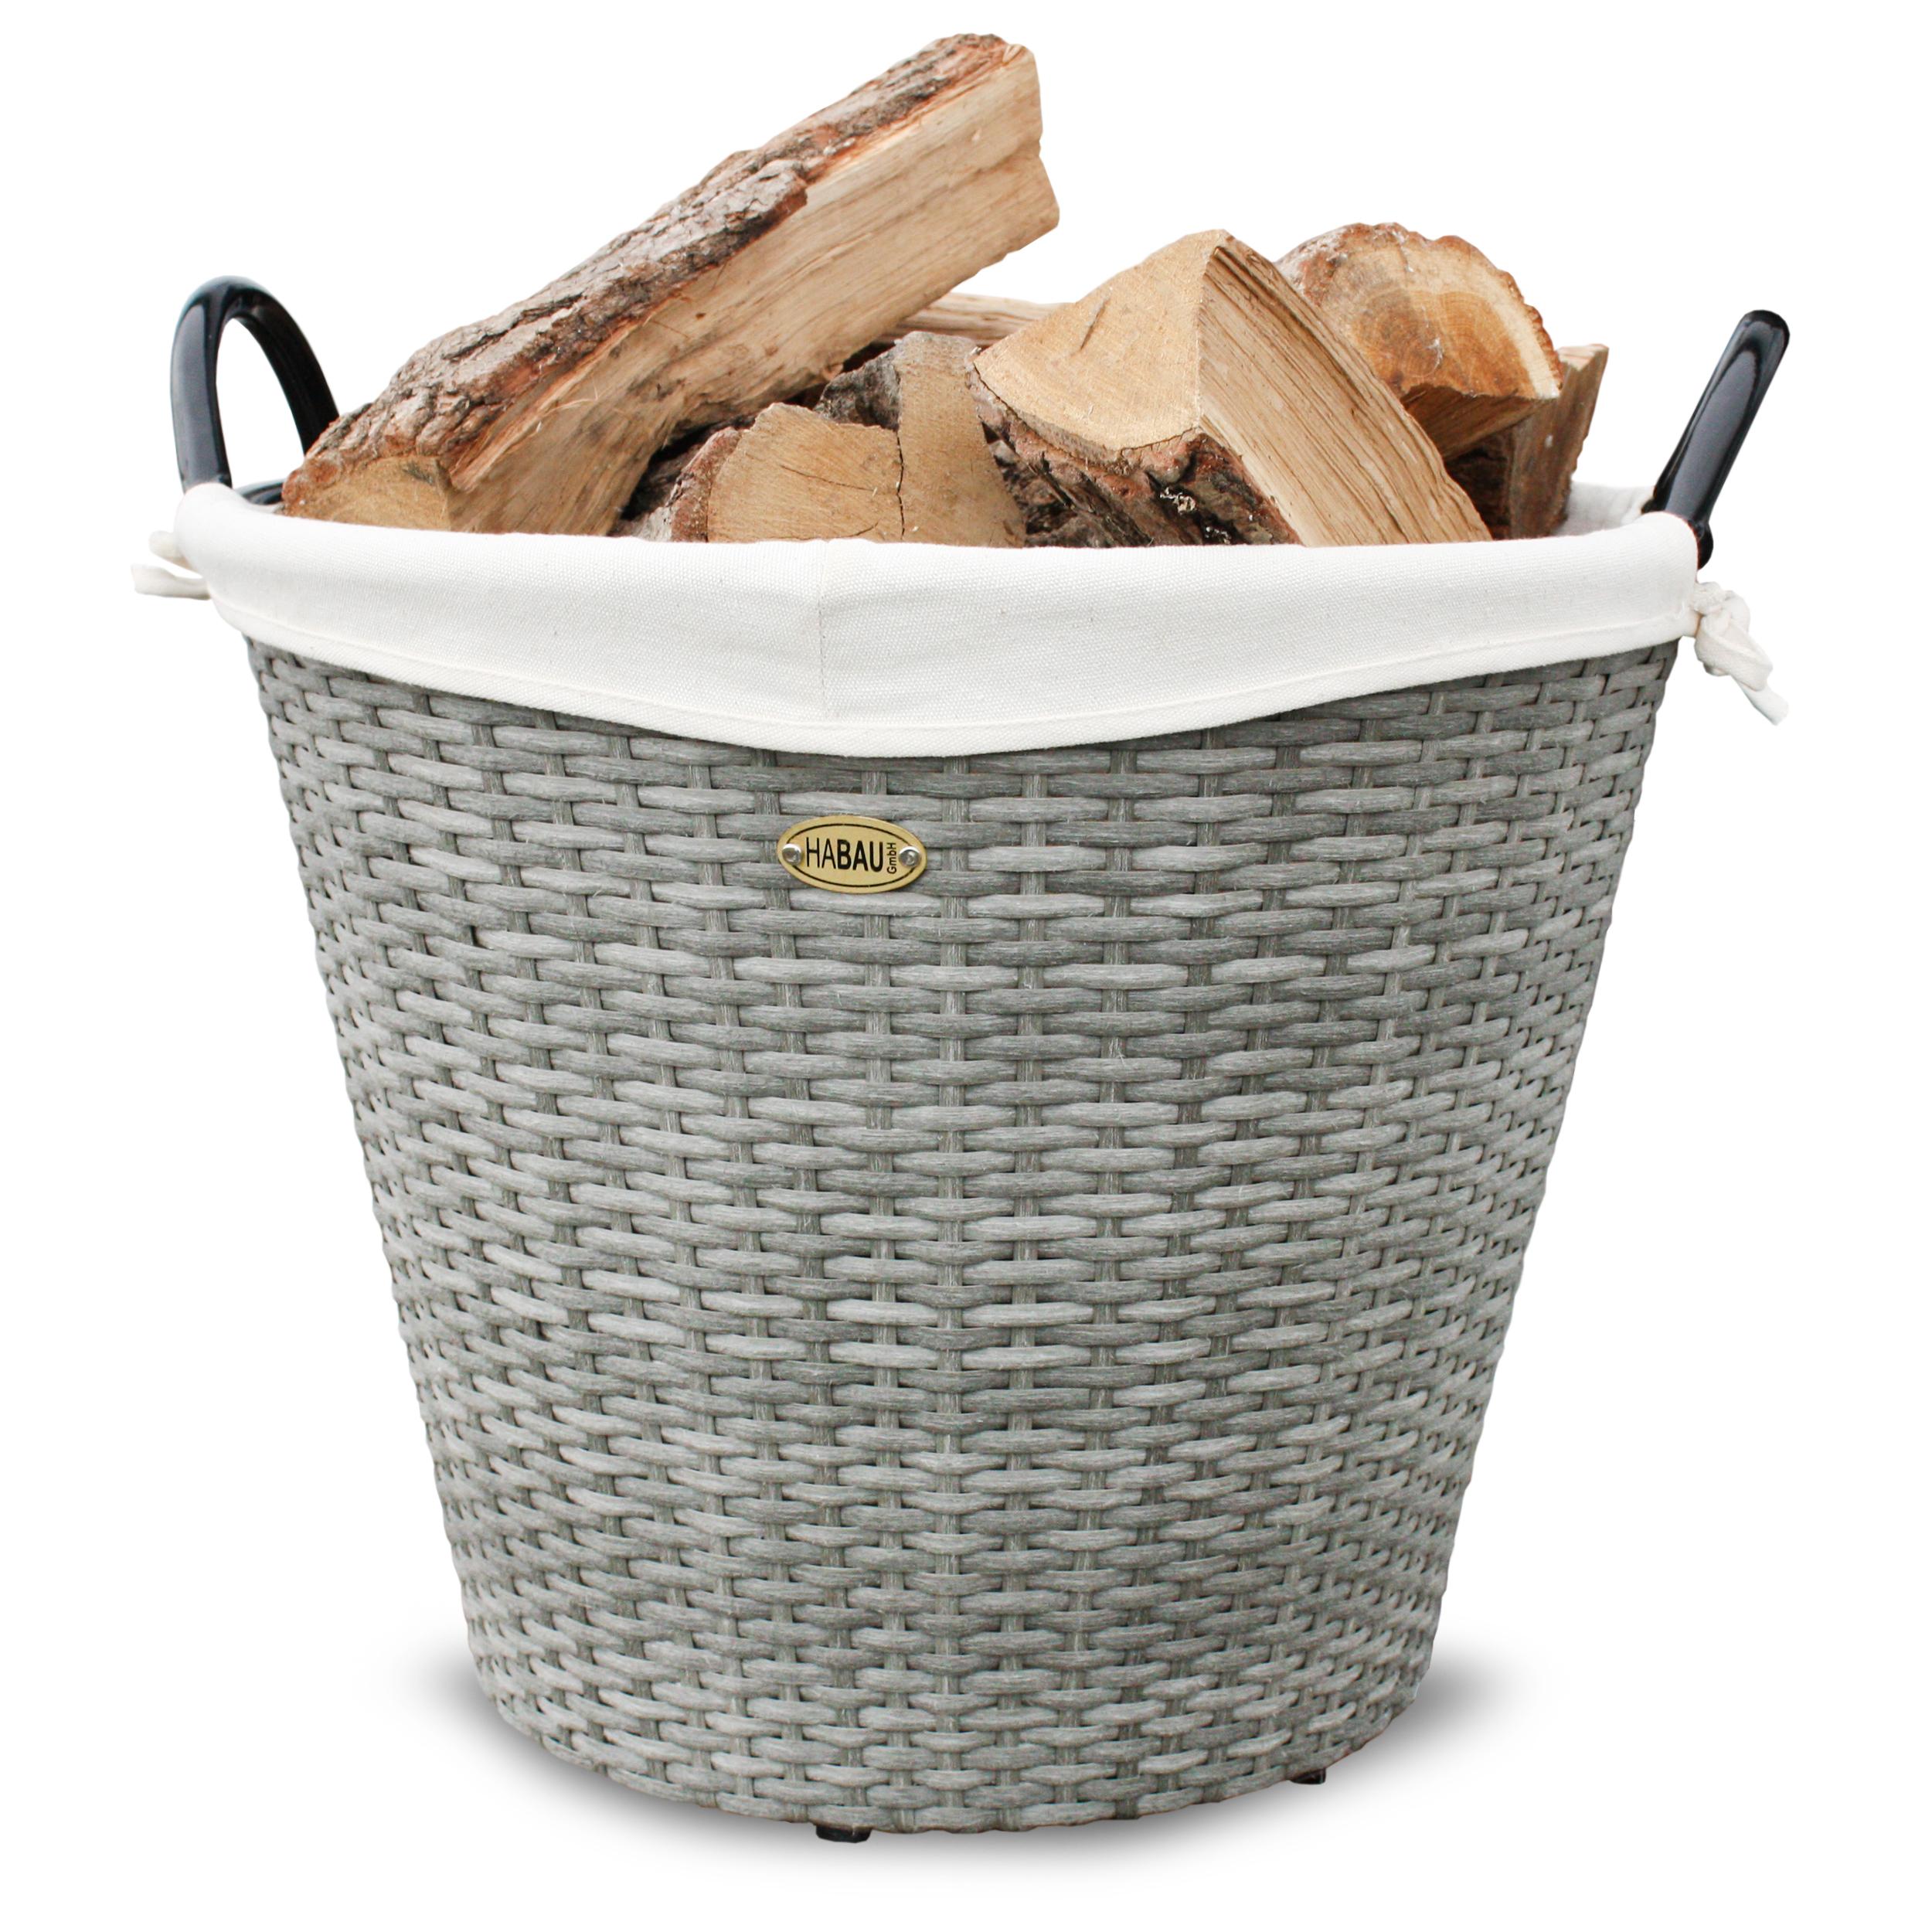 HABAU Feuerholzkorb aus Polyethylen, grau, 54 cm - 2724